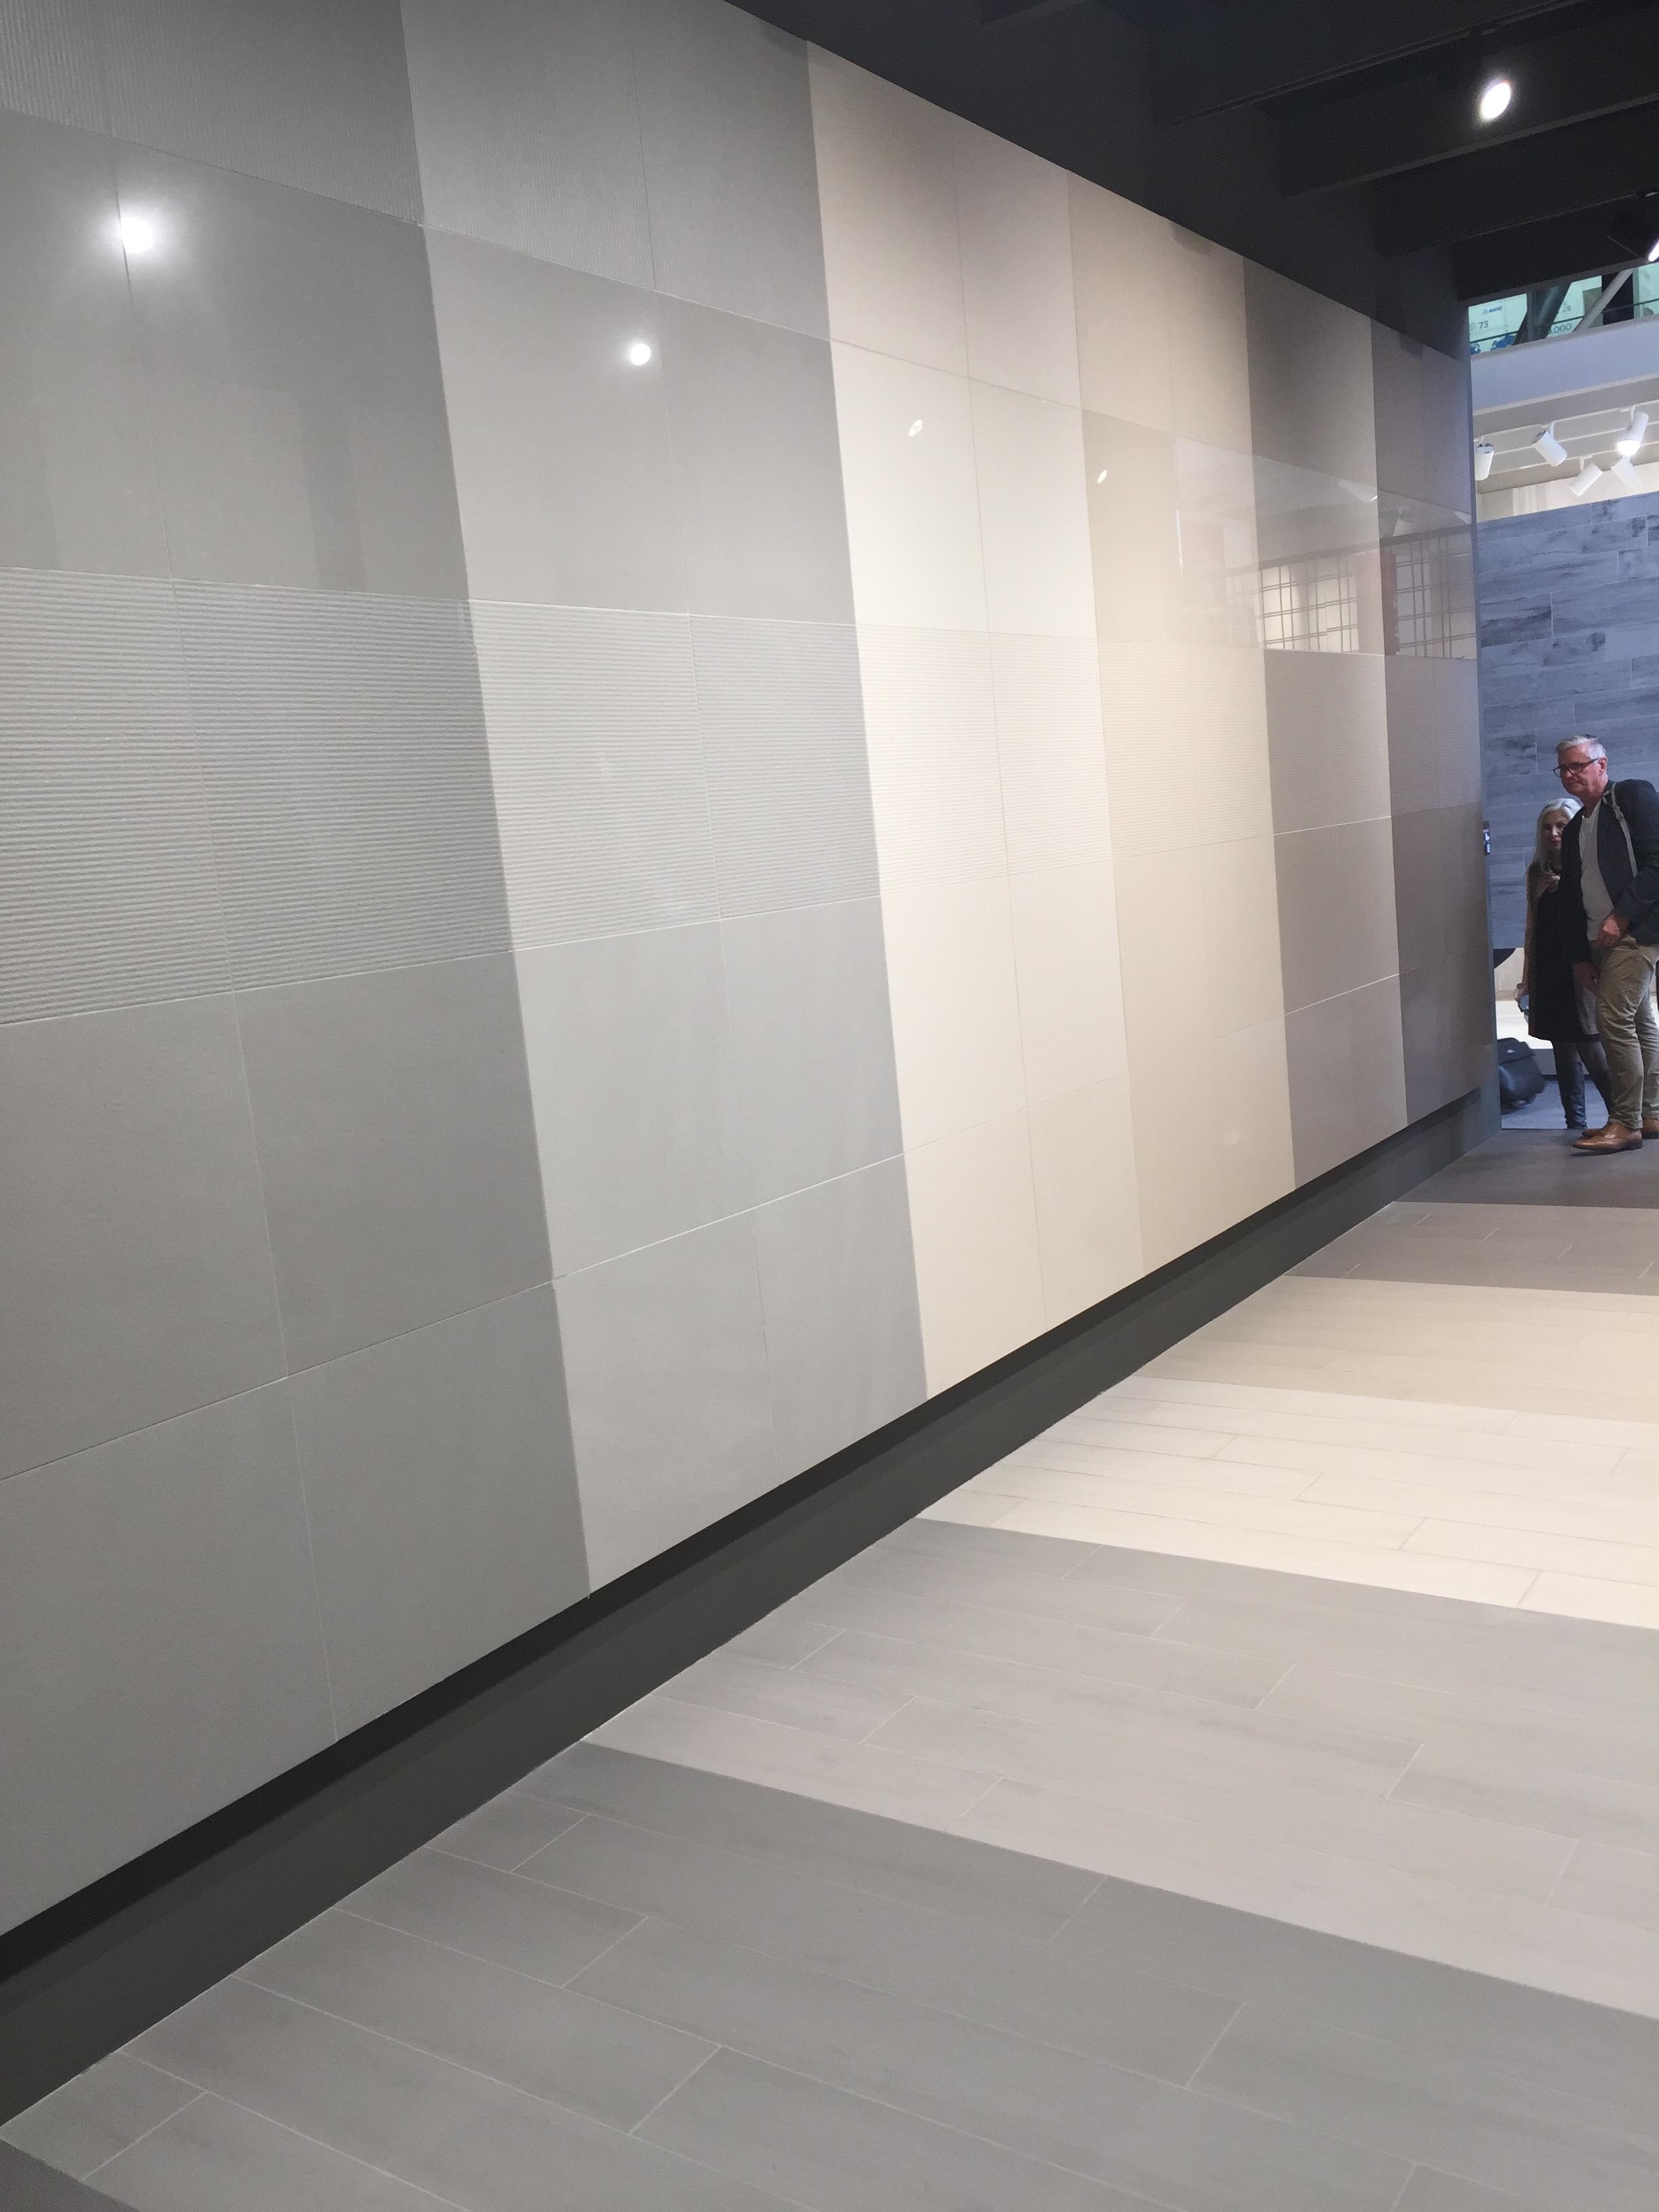 Porcelánico gran formato Cerdisa en exclusiva en Barcelona